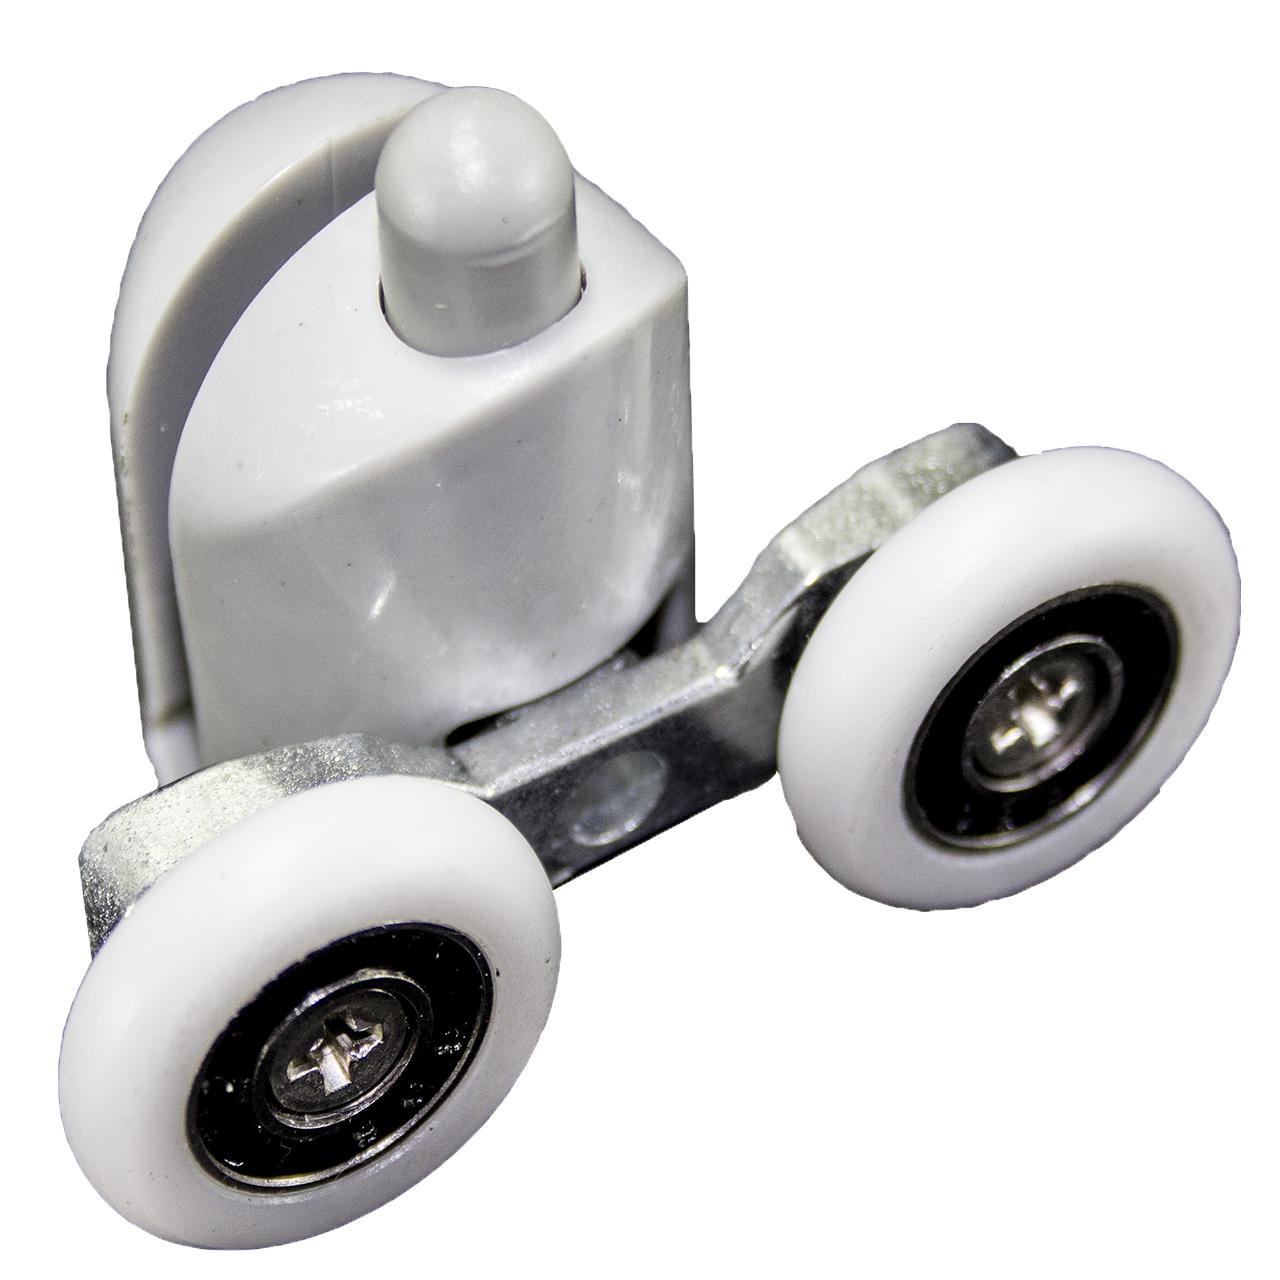 Ролик душевой кабины двойной, нижний, нажимной, серый ( В-43 Д )  26 мм